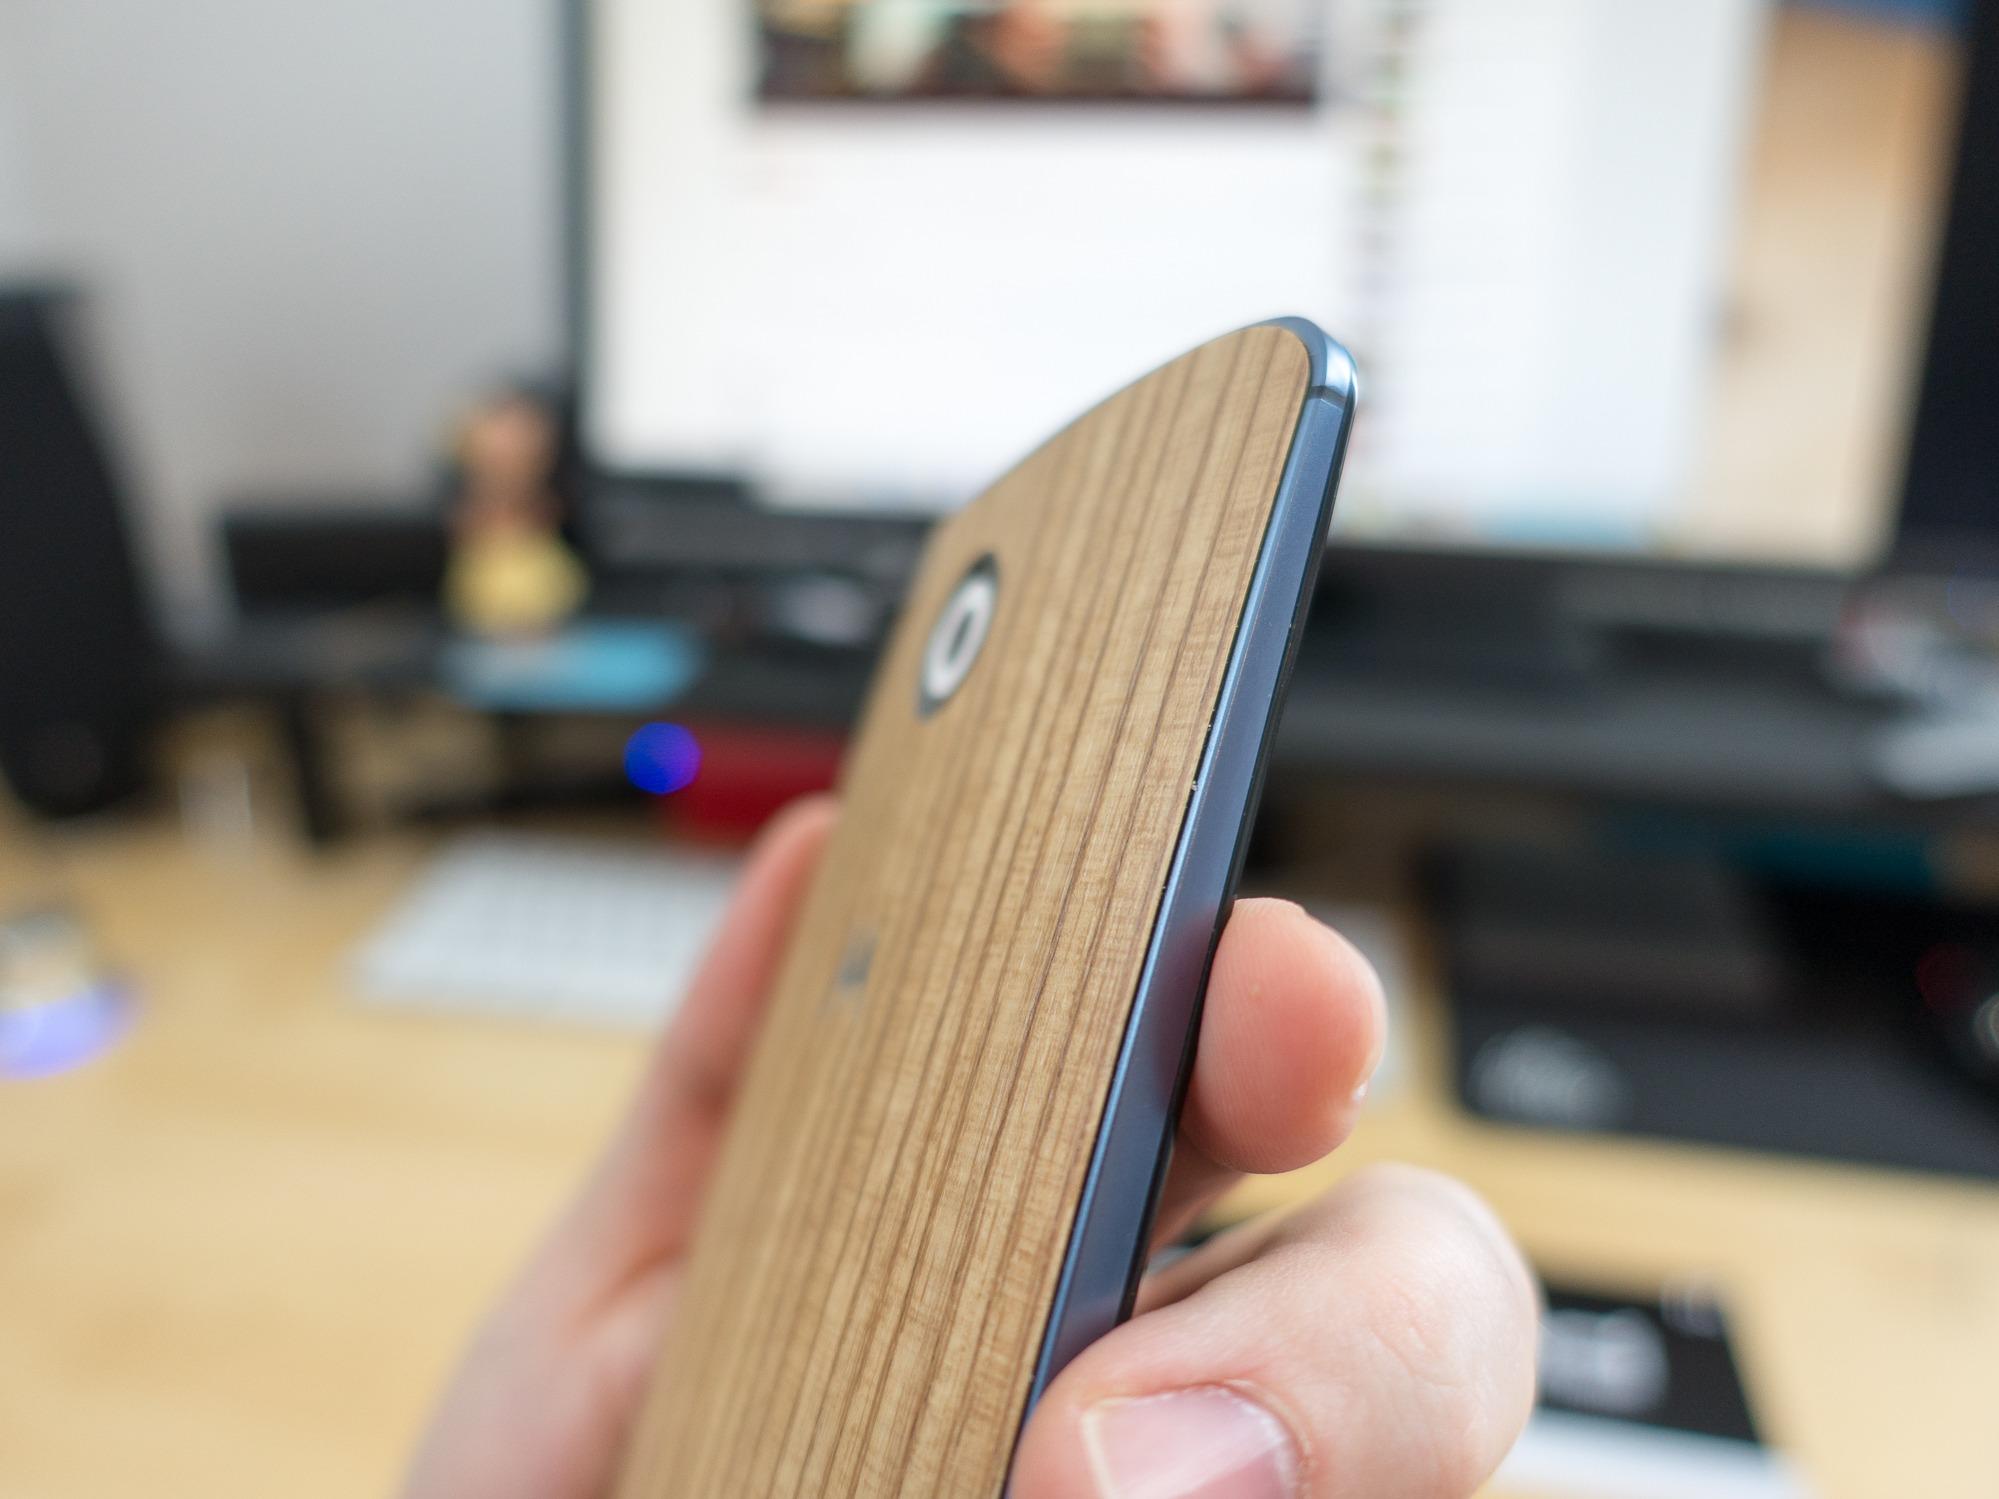 Concours : gagnez un skin dBrand pour votre smartphone